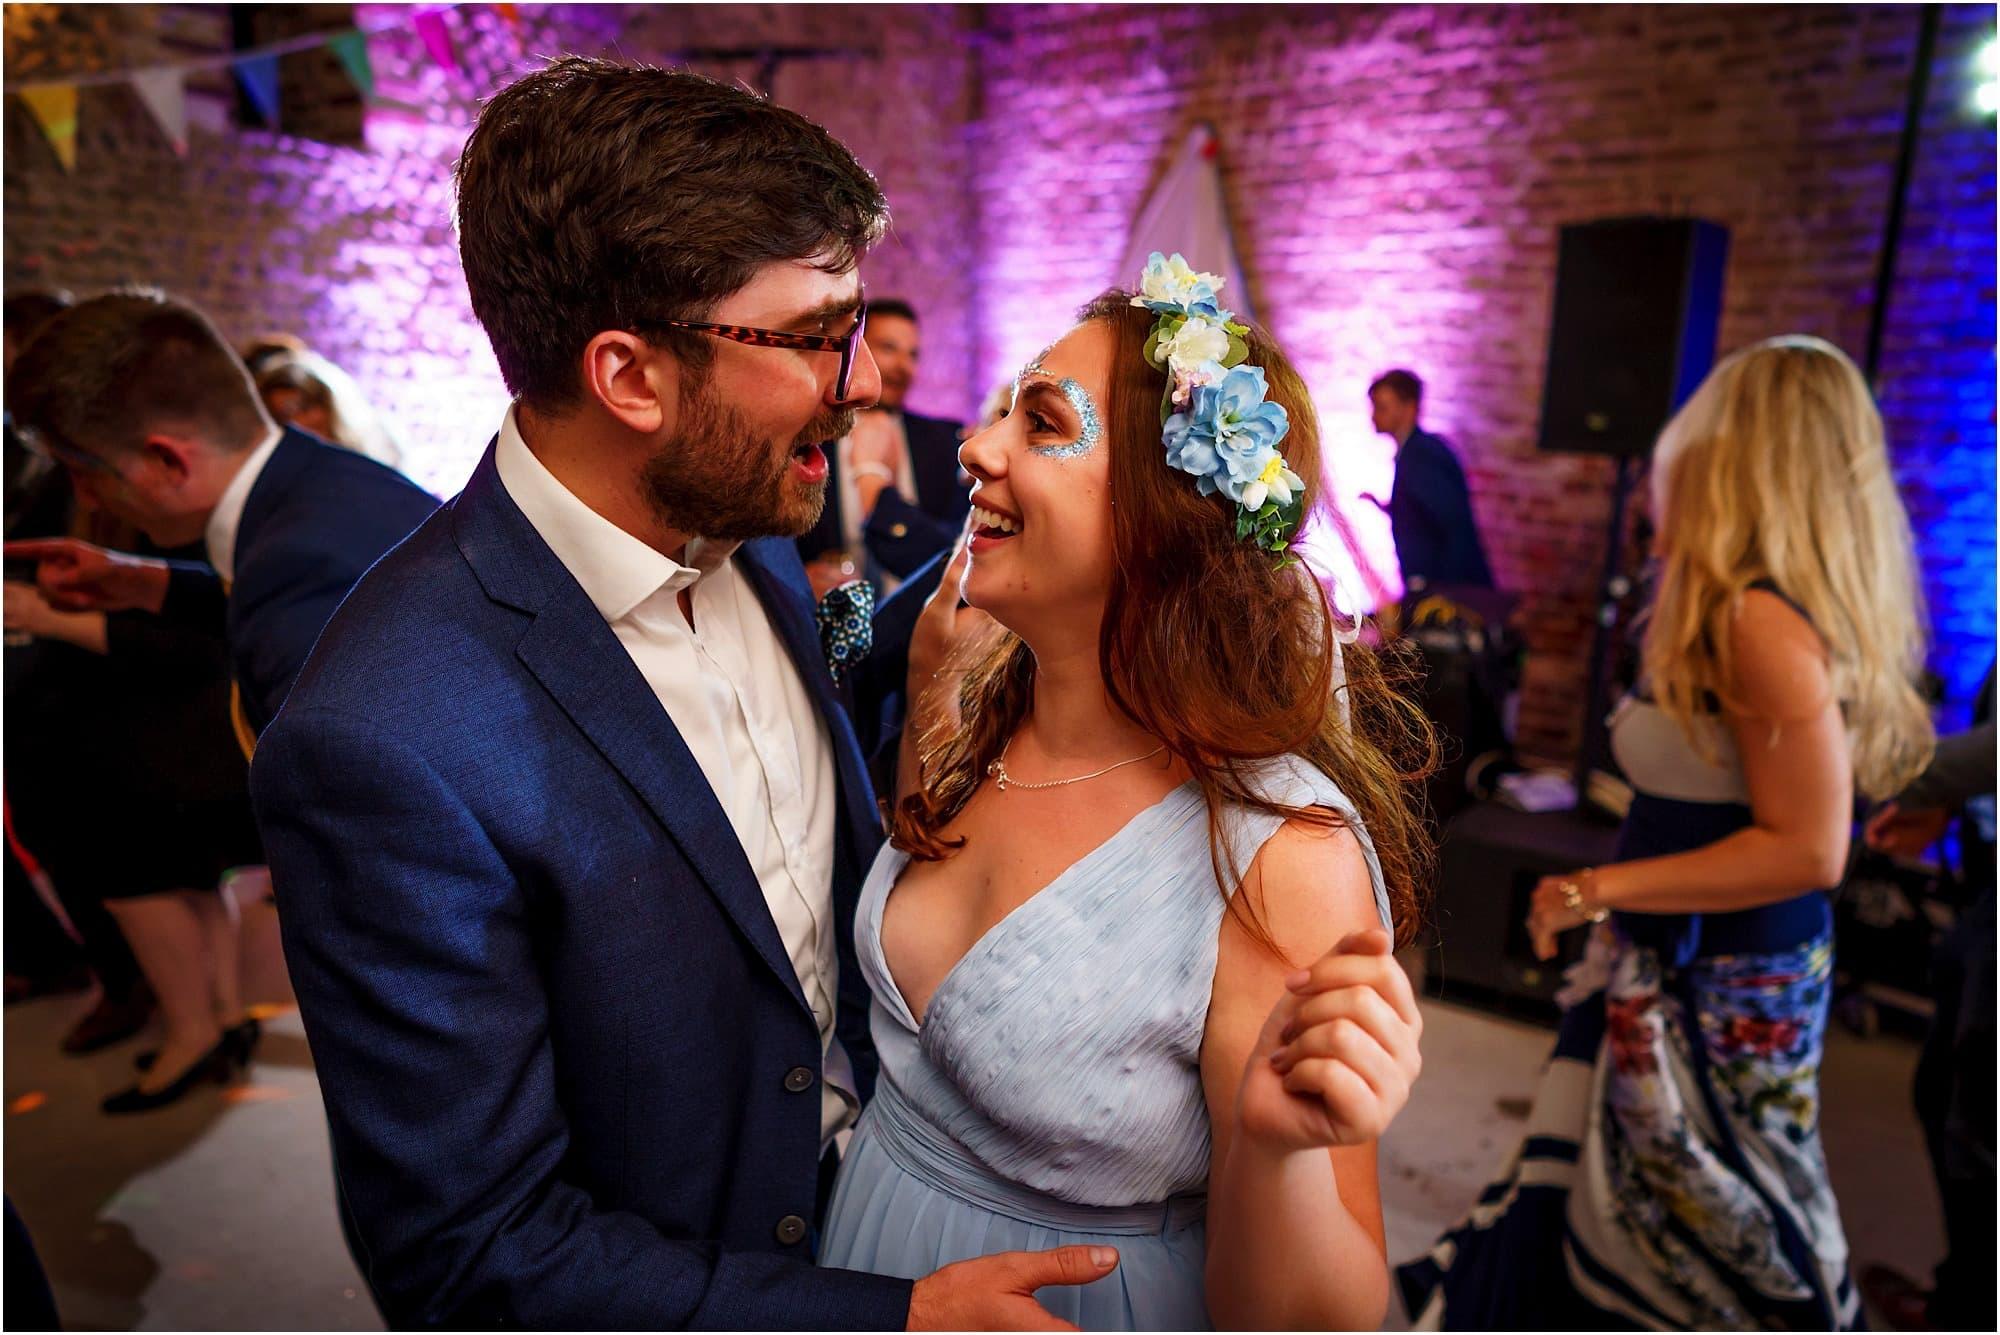 bridesmaid and her boyfriend